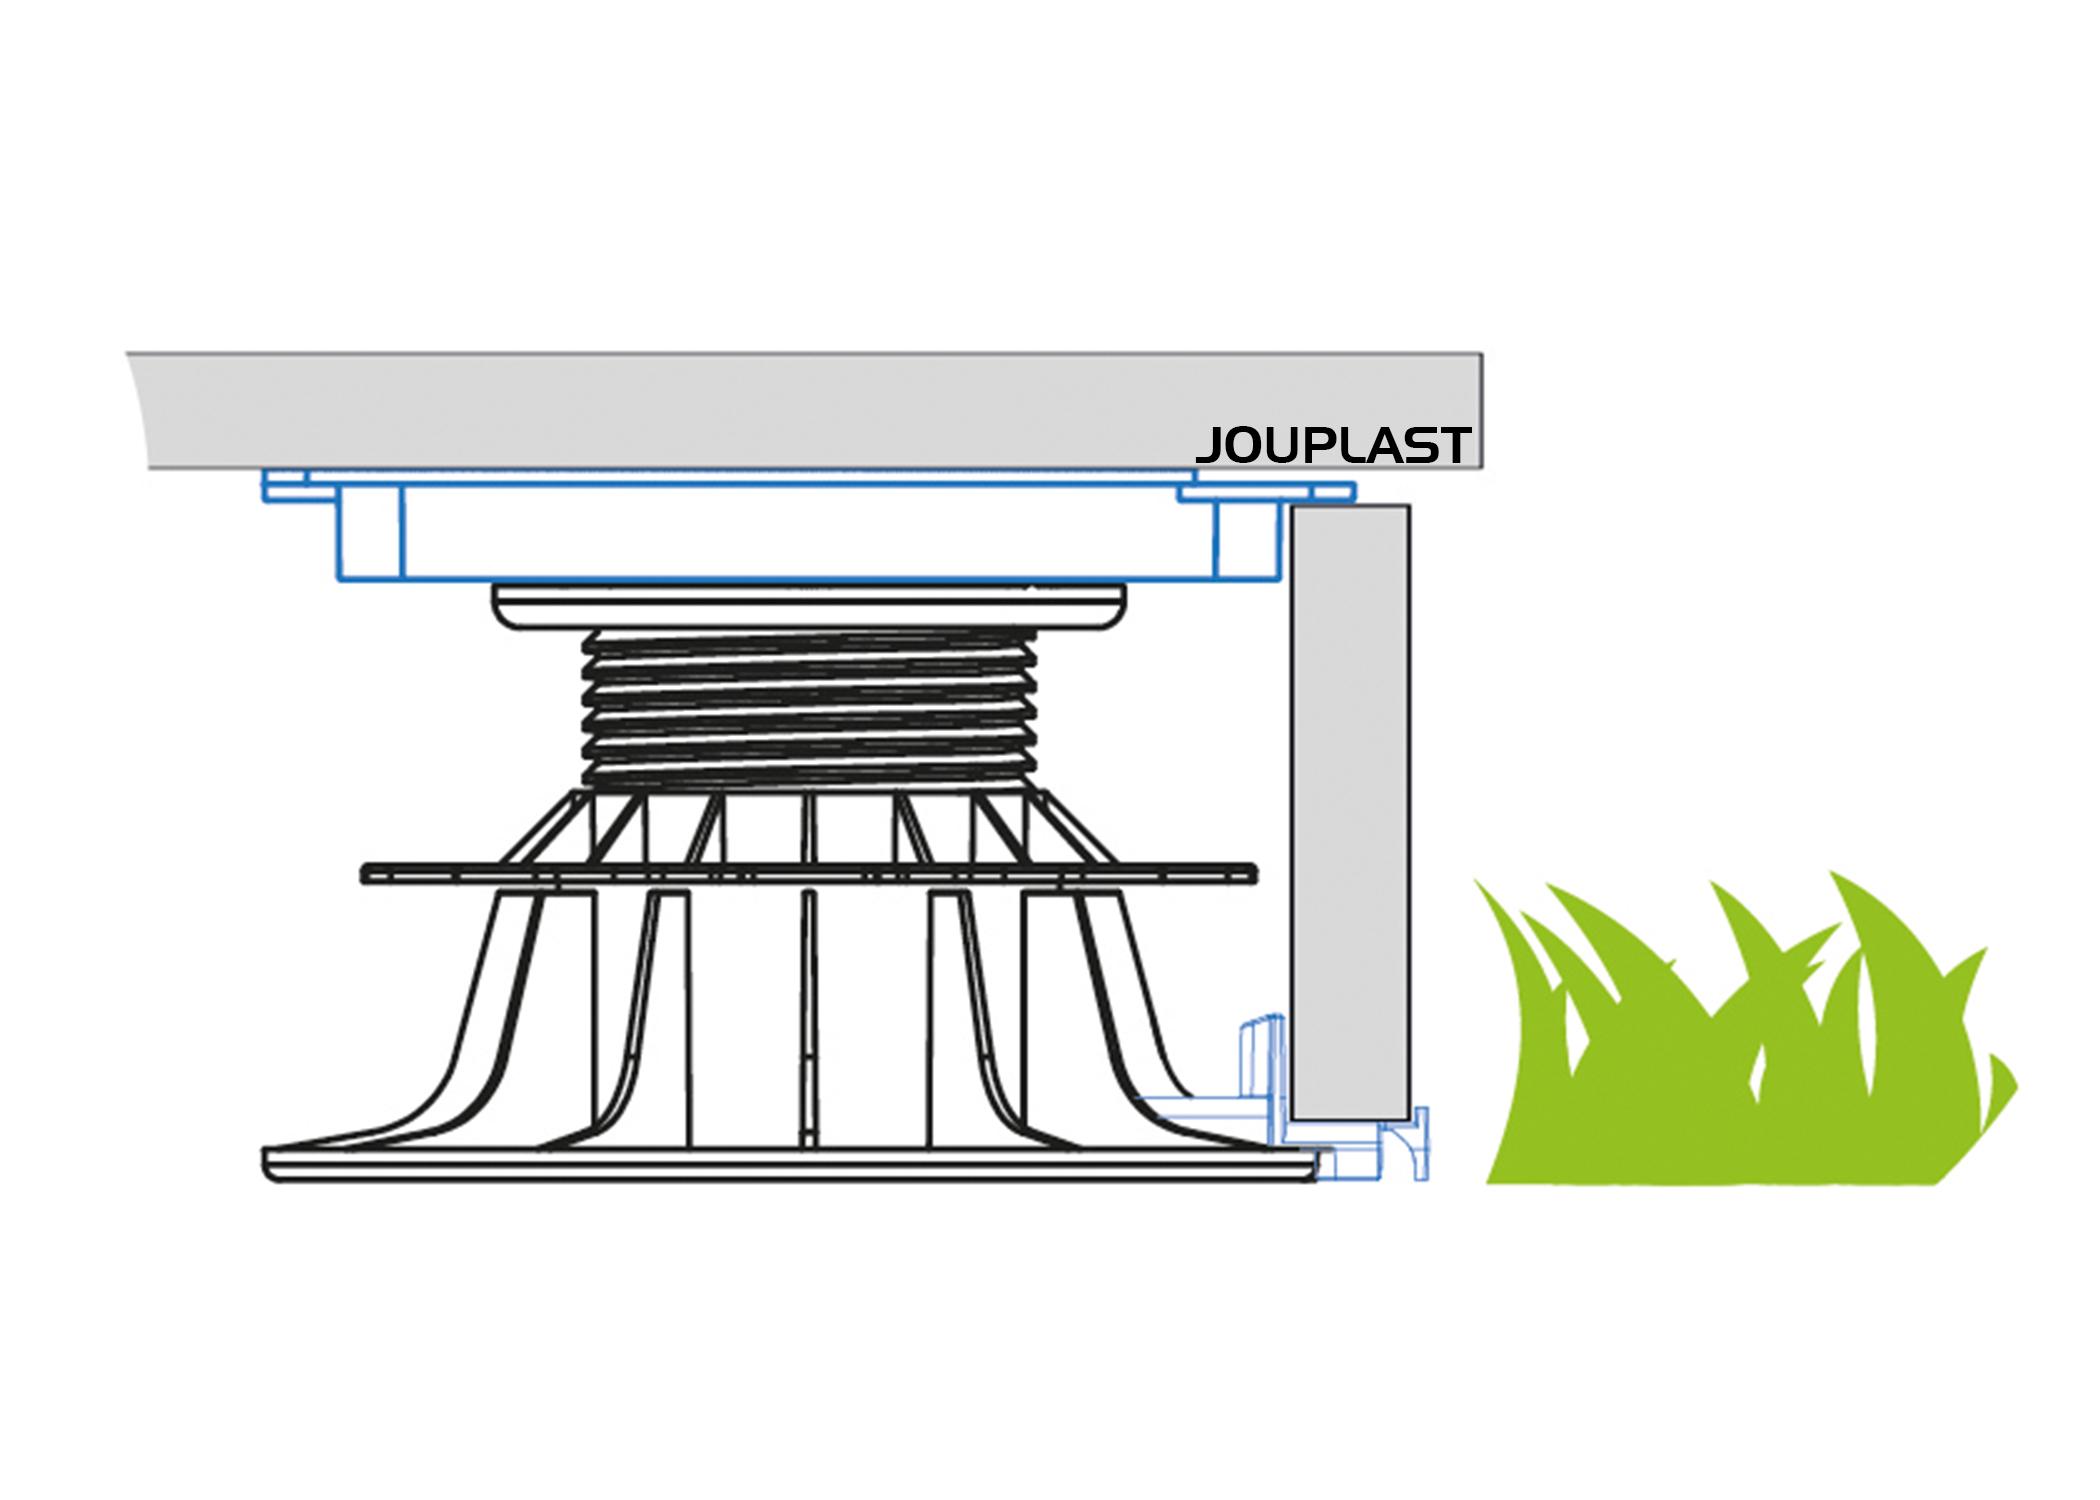 Finition Laterale Terrasse Plot - Jouplast - Solutions ... tout Profil De Rive Dalle Sur Plot